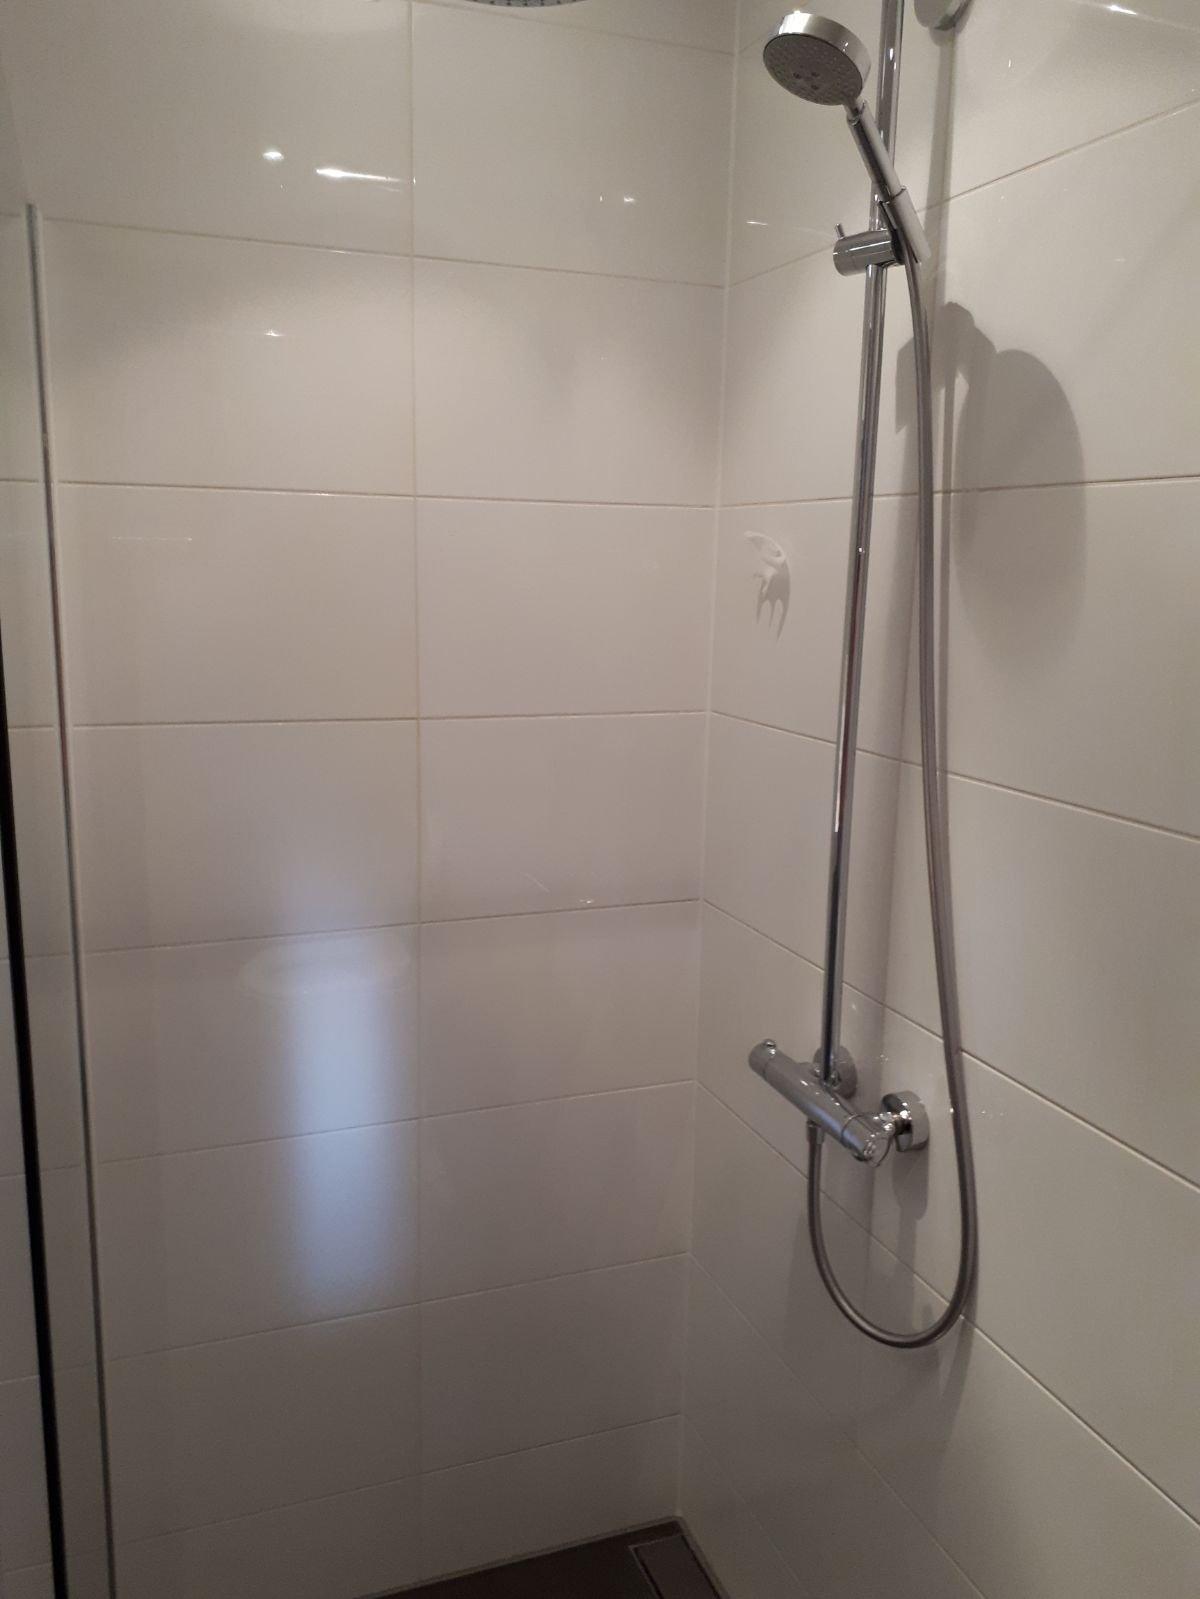 Kitvoegen vervangen in badkamer - Werkspot